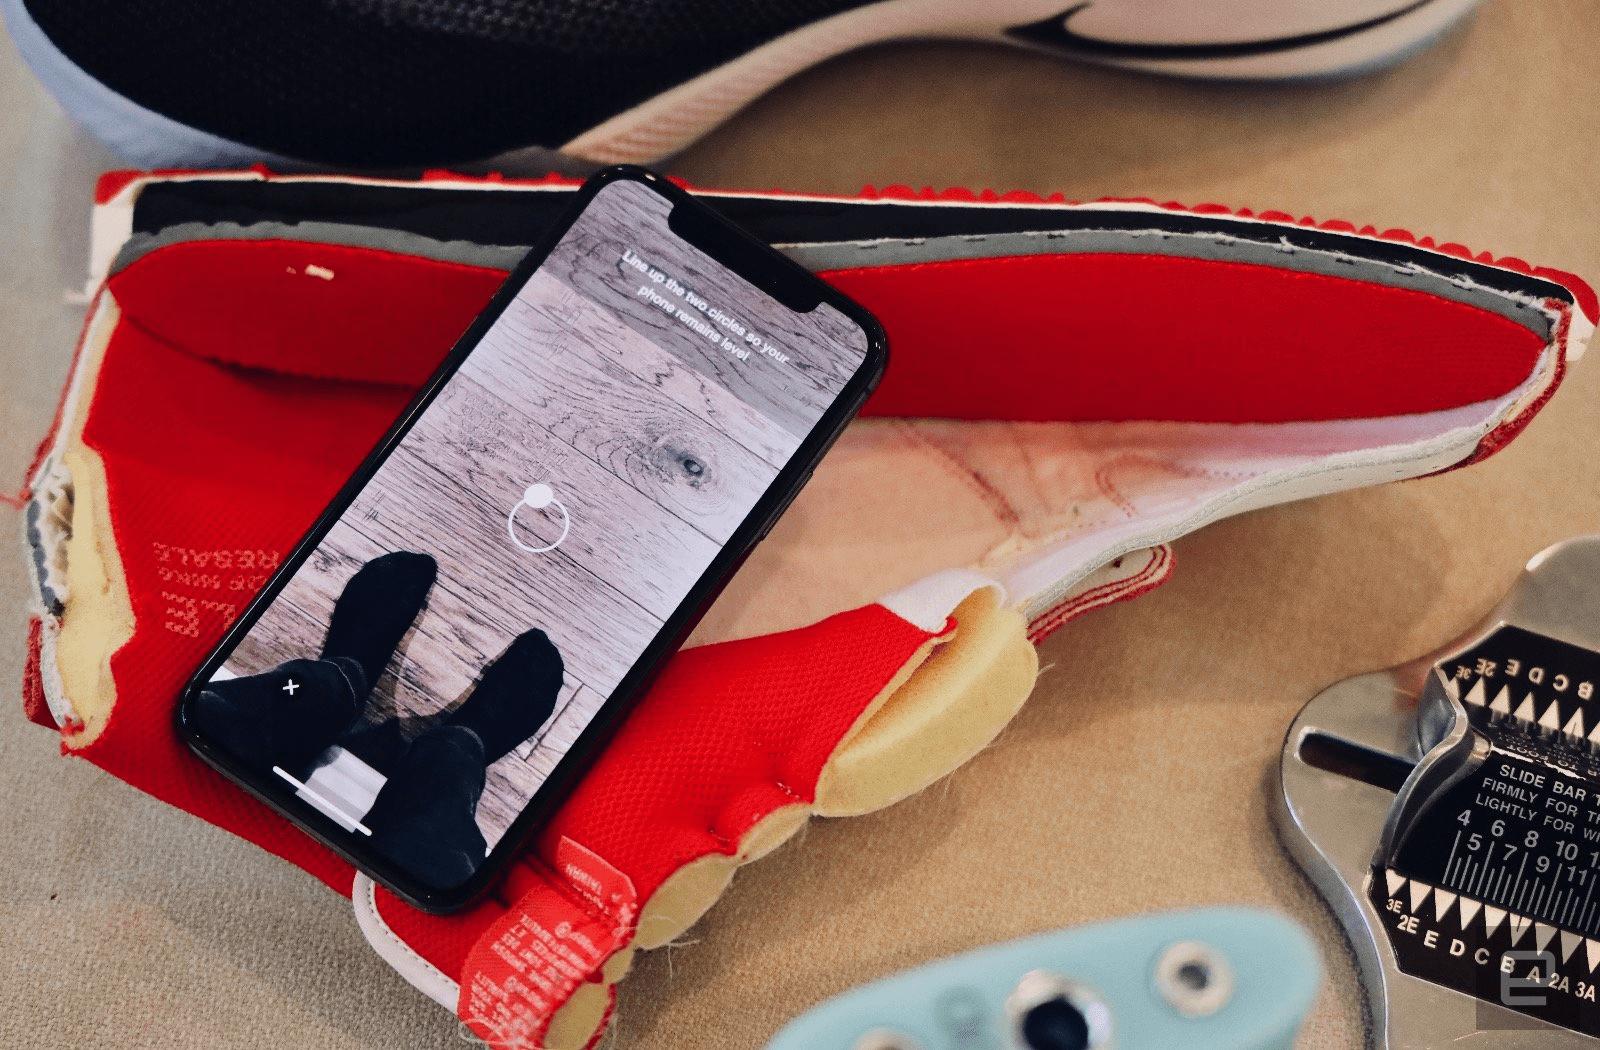 nike fit - Sering Salah Pilih Ukuran Sepatu? Nike Membuat App Berteknologi AR untuk Memudahkan.